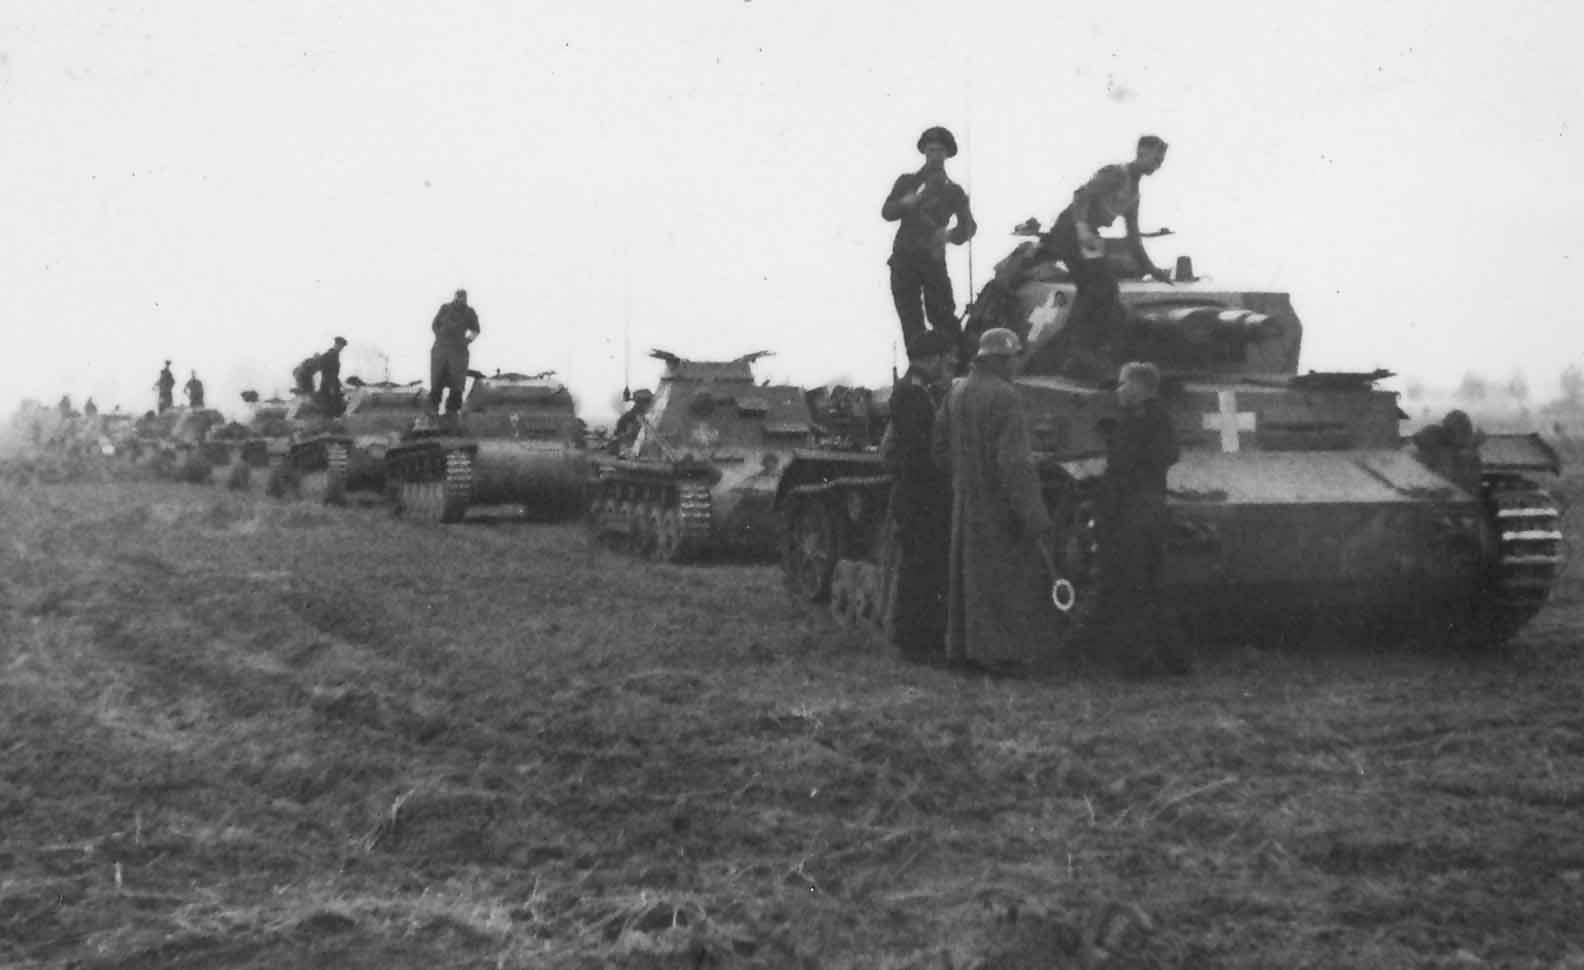 Német páncélos hadoszlop, az élen egy Panzerkampfwagen IV Ausf. C